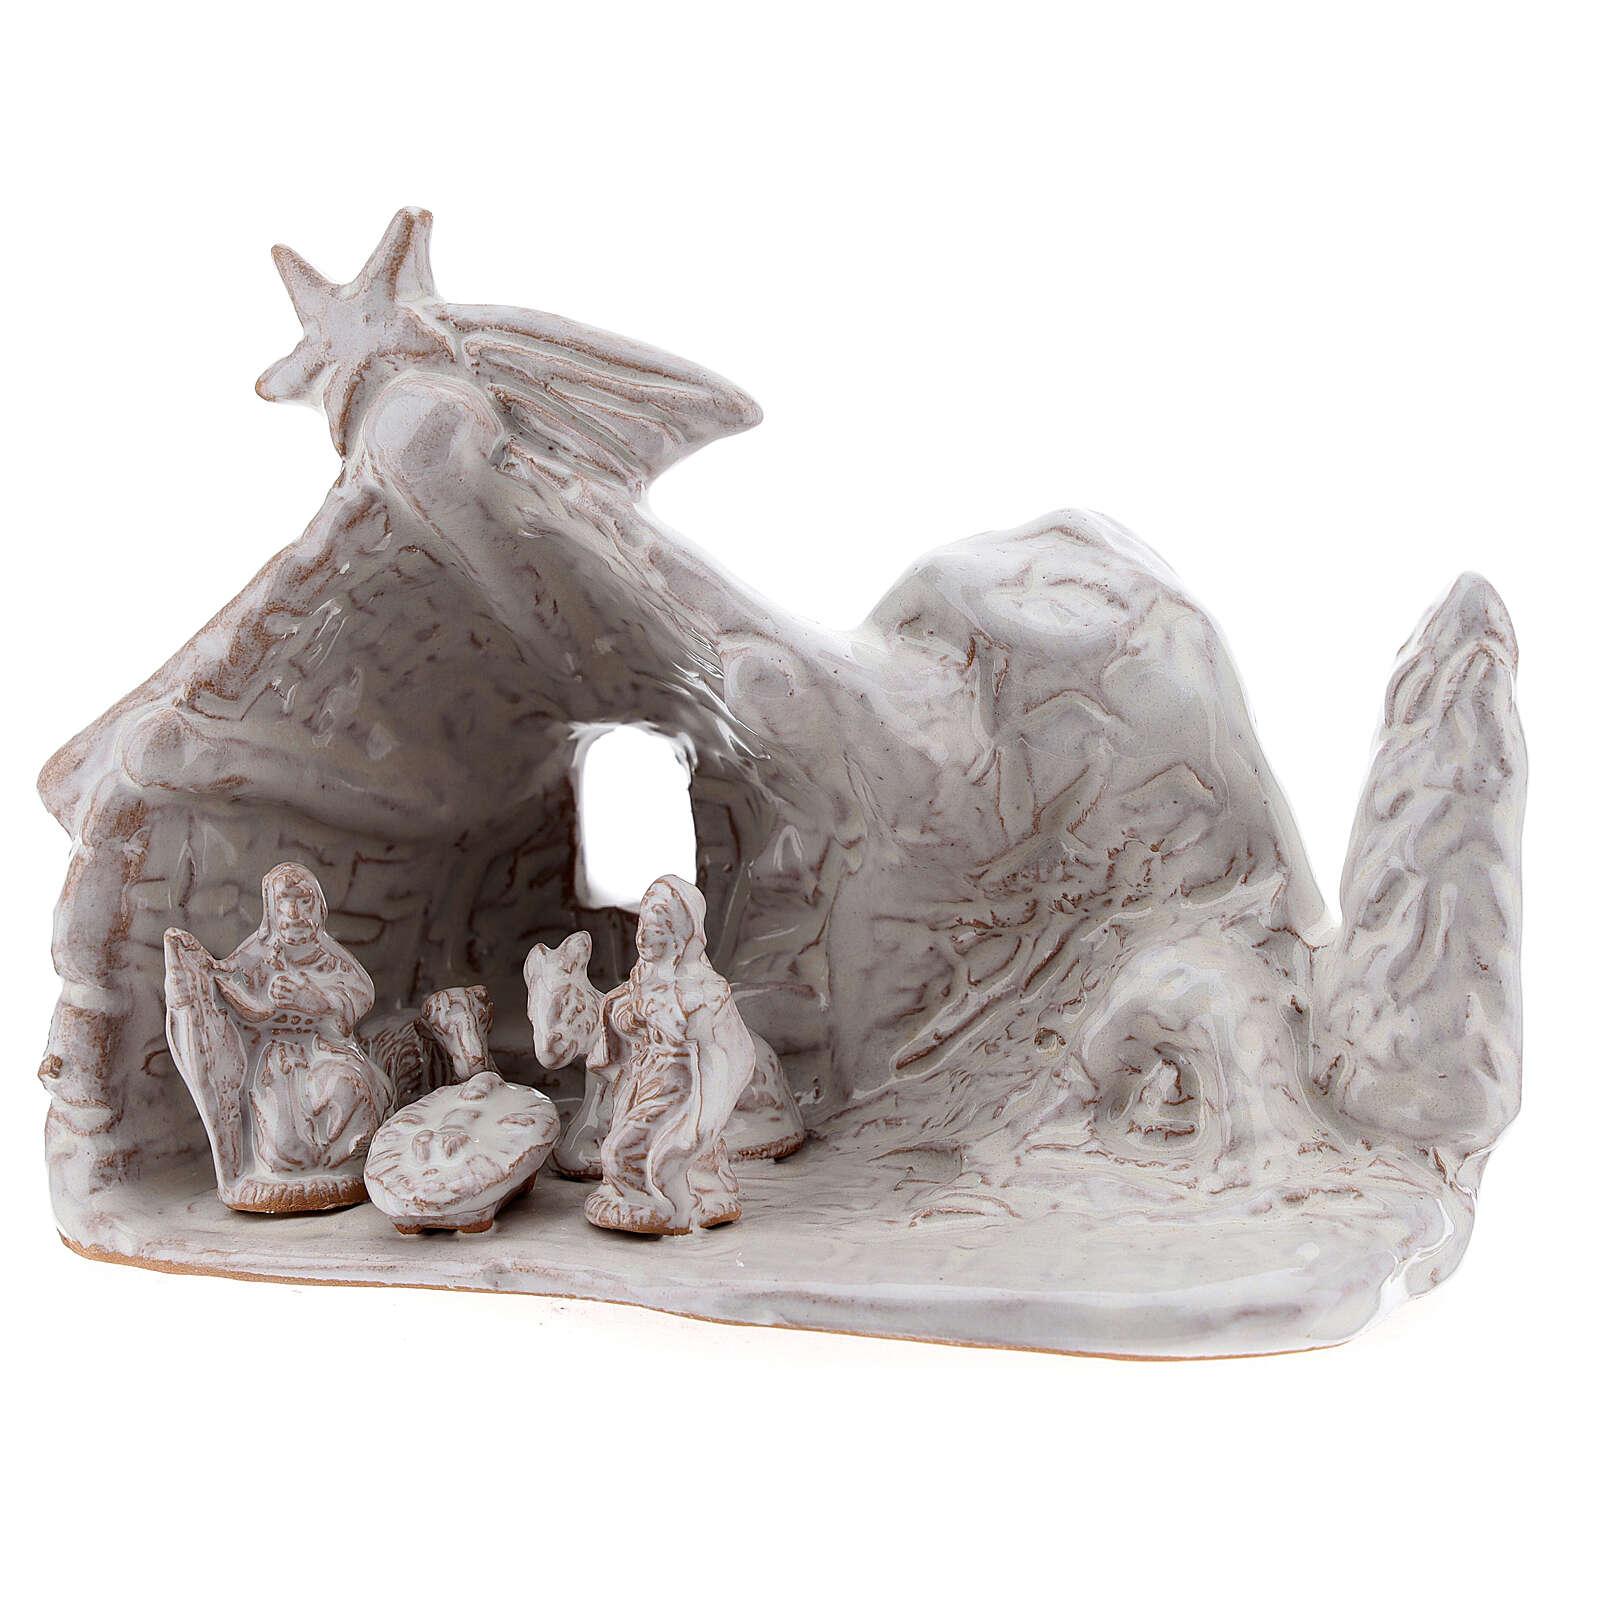 Capanna piccola con albero natività terracotta bianca Deruta 10 cm 4